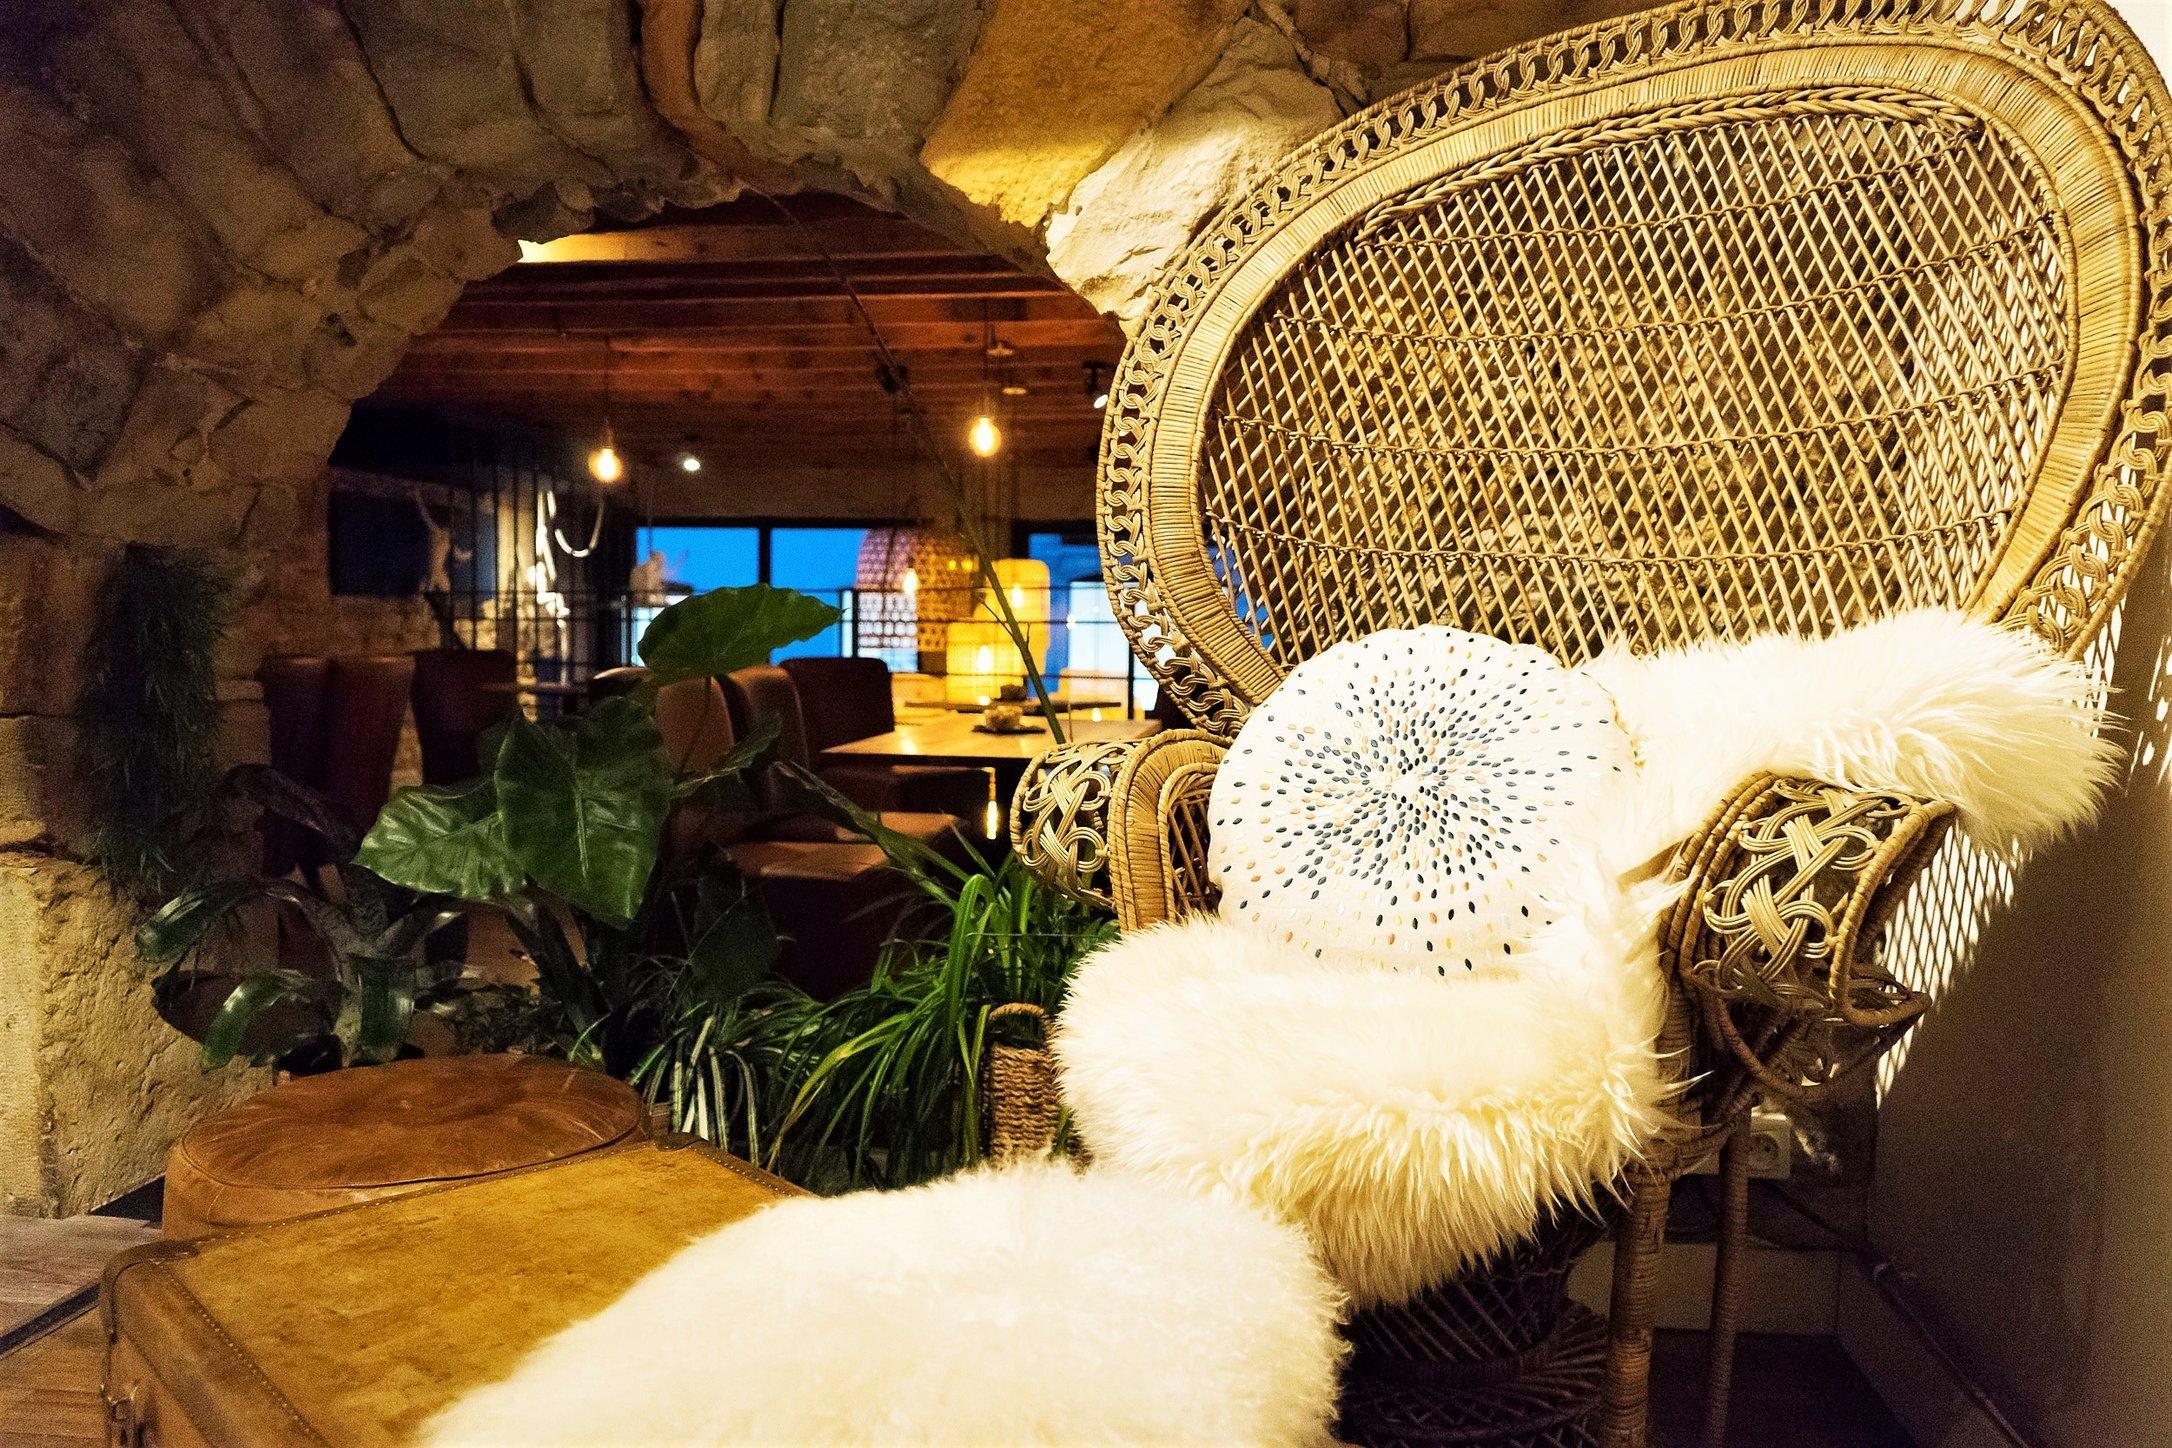 sauvage-bar-cocktails-lyon-7-guillotière-3.jpg